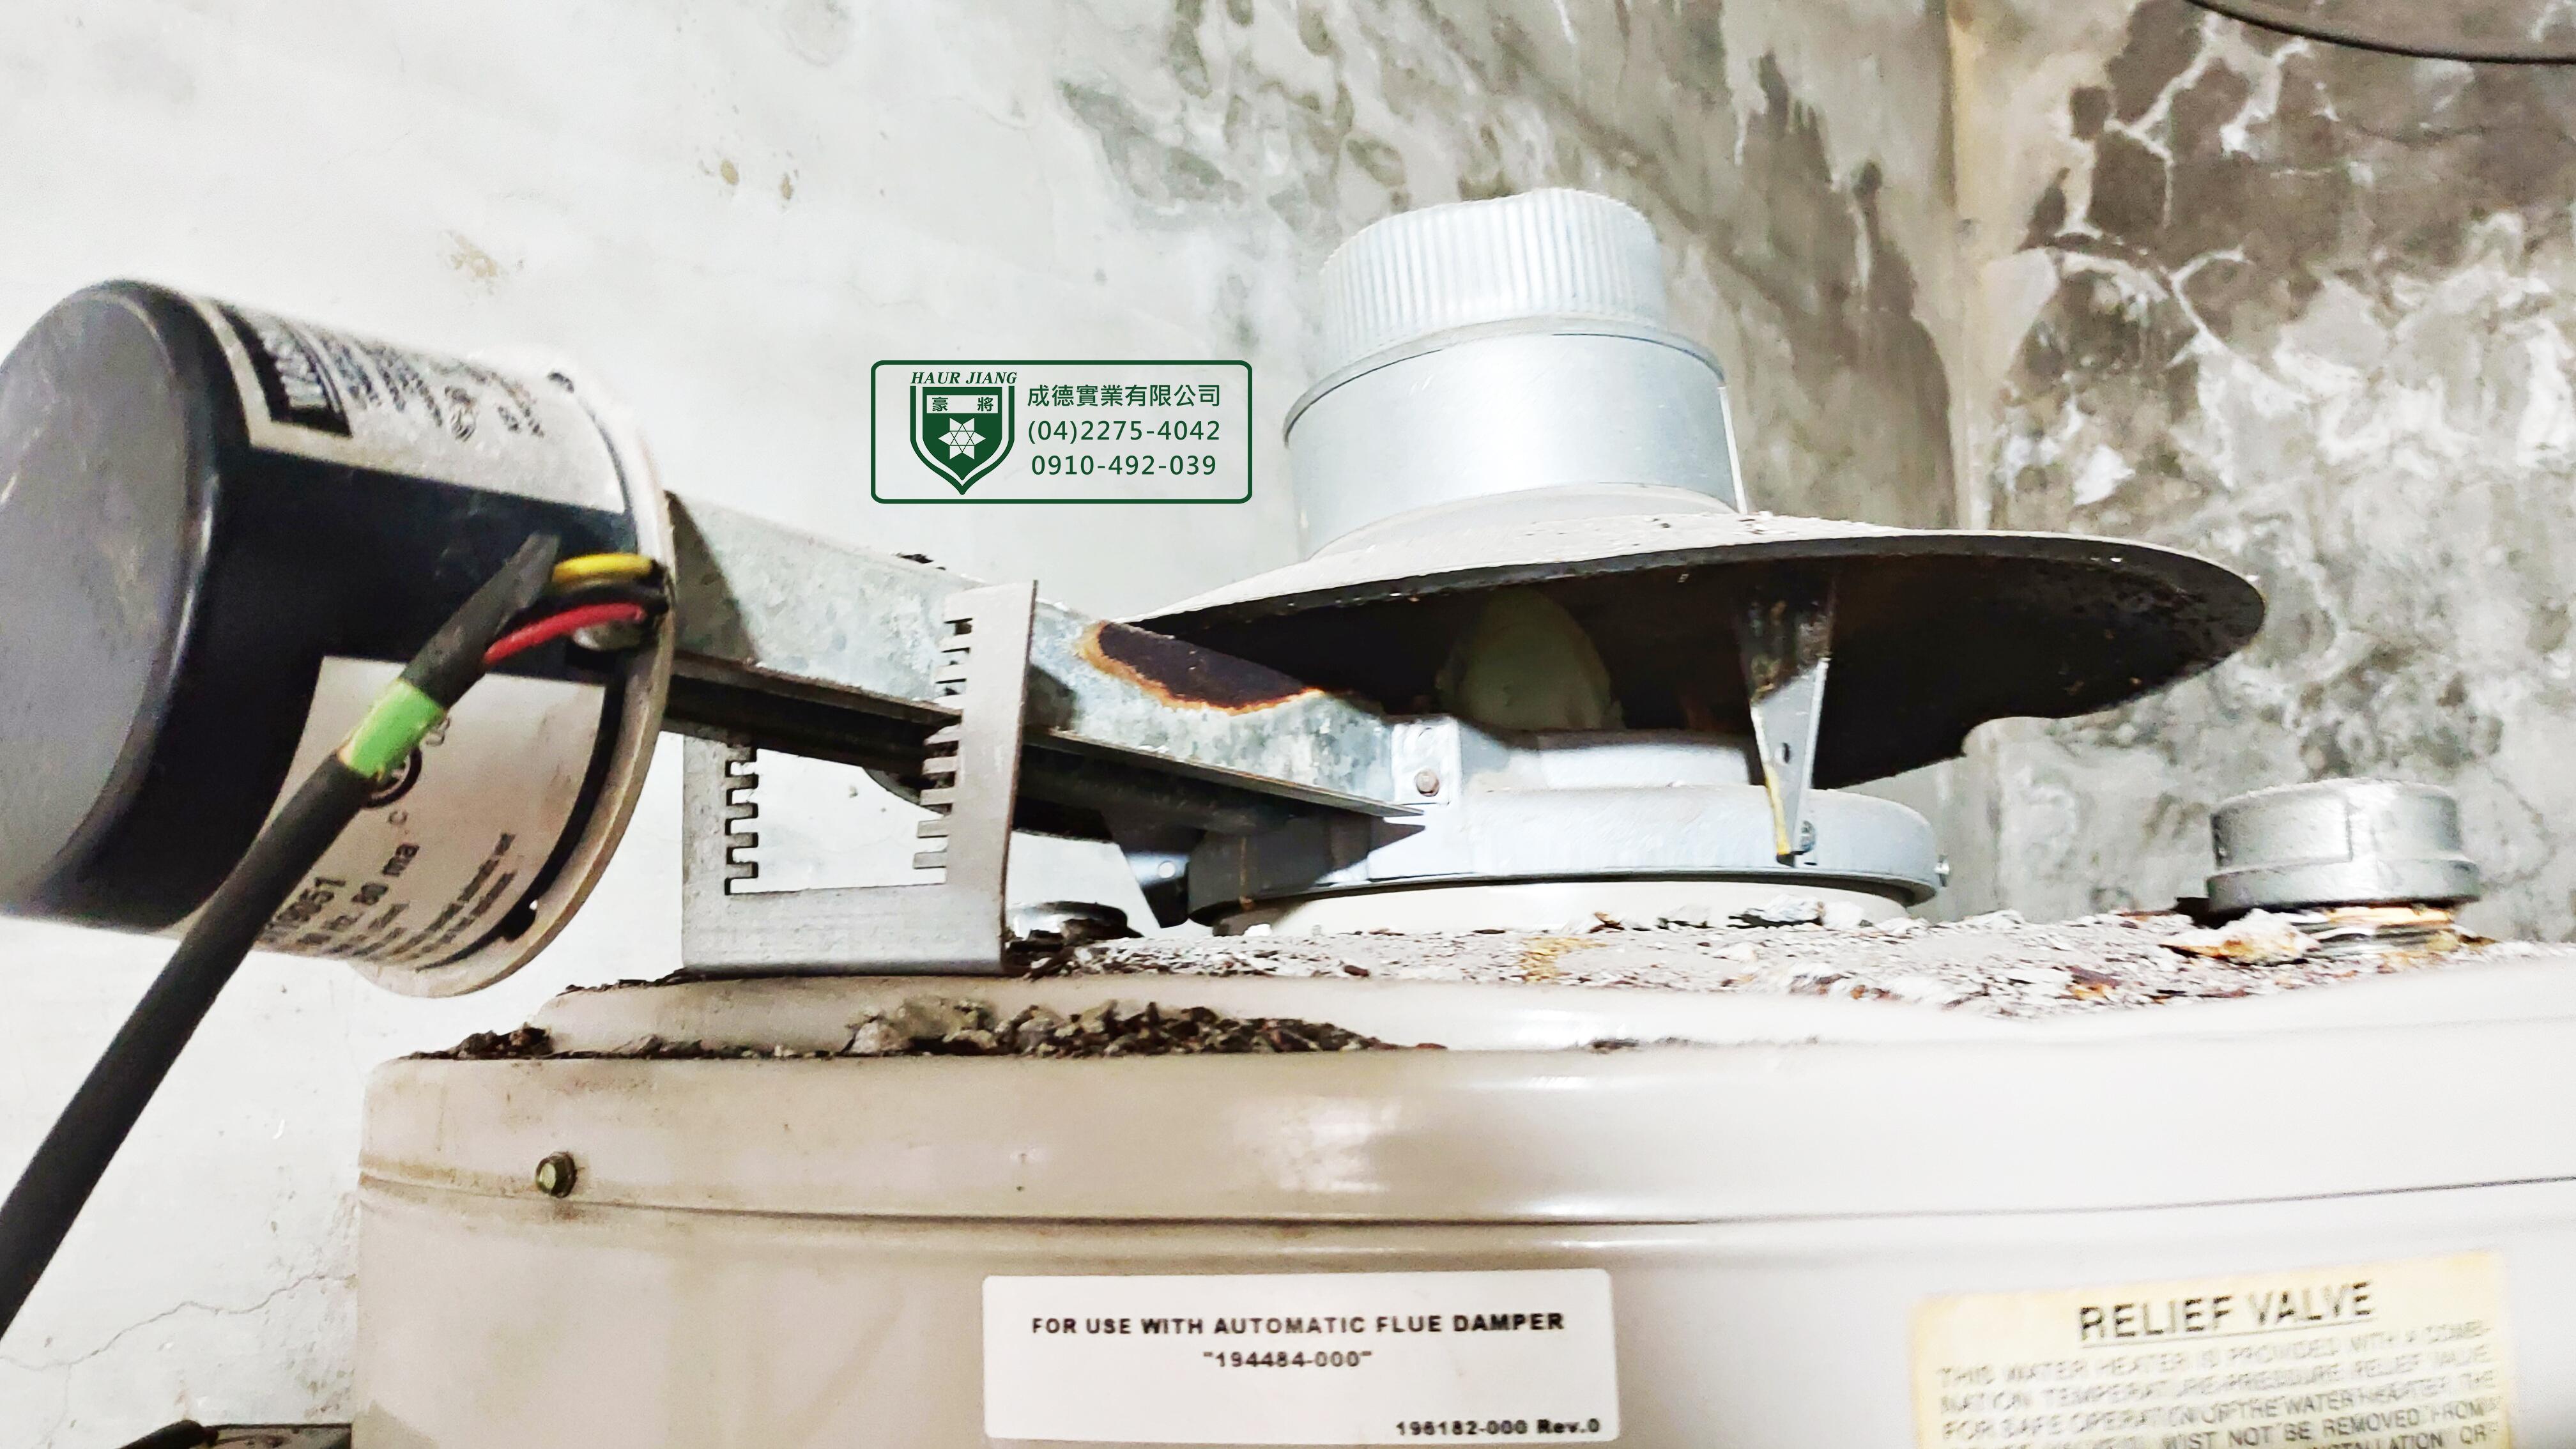 外力導致鍋爐受損故障